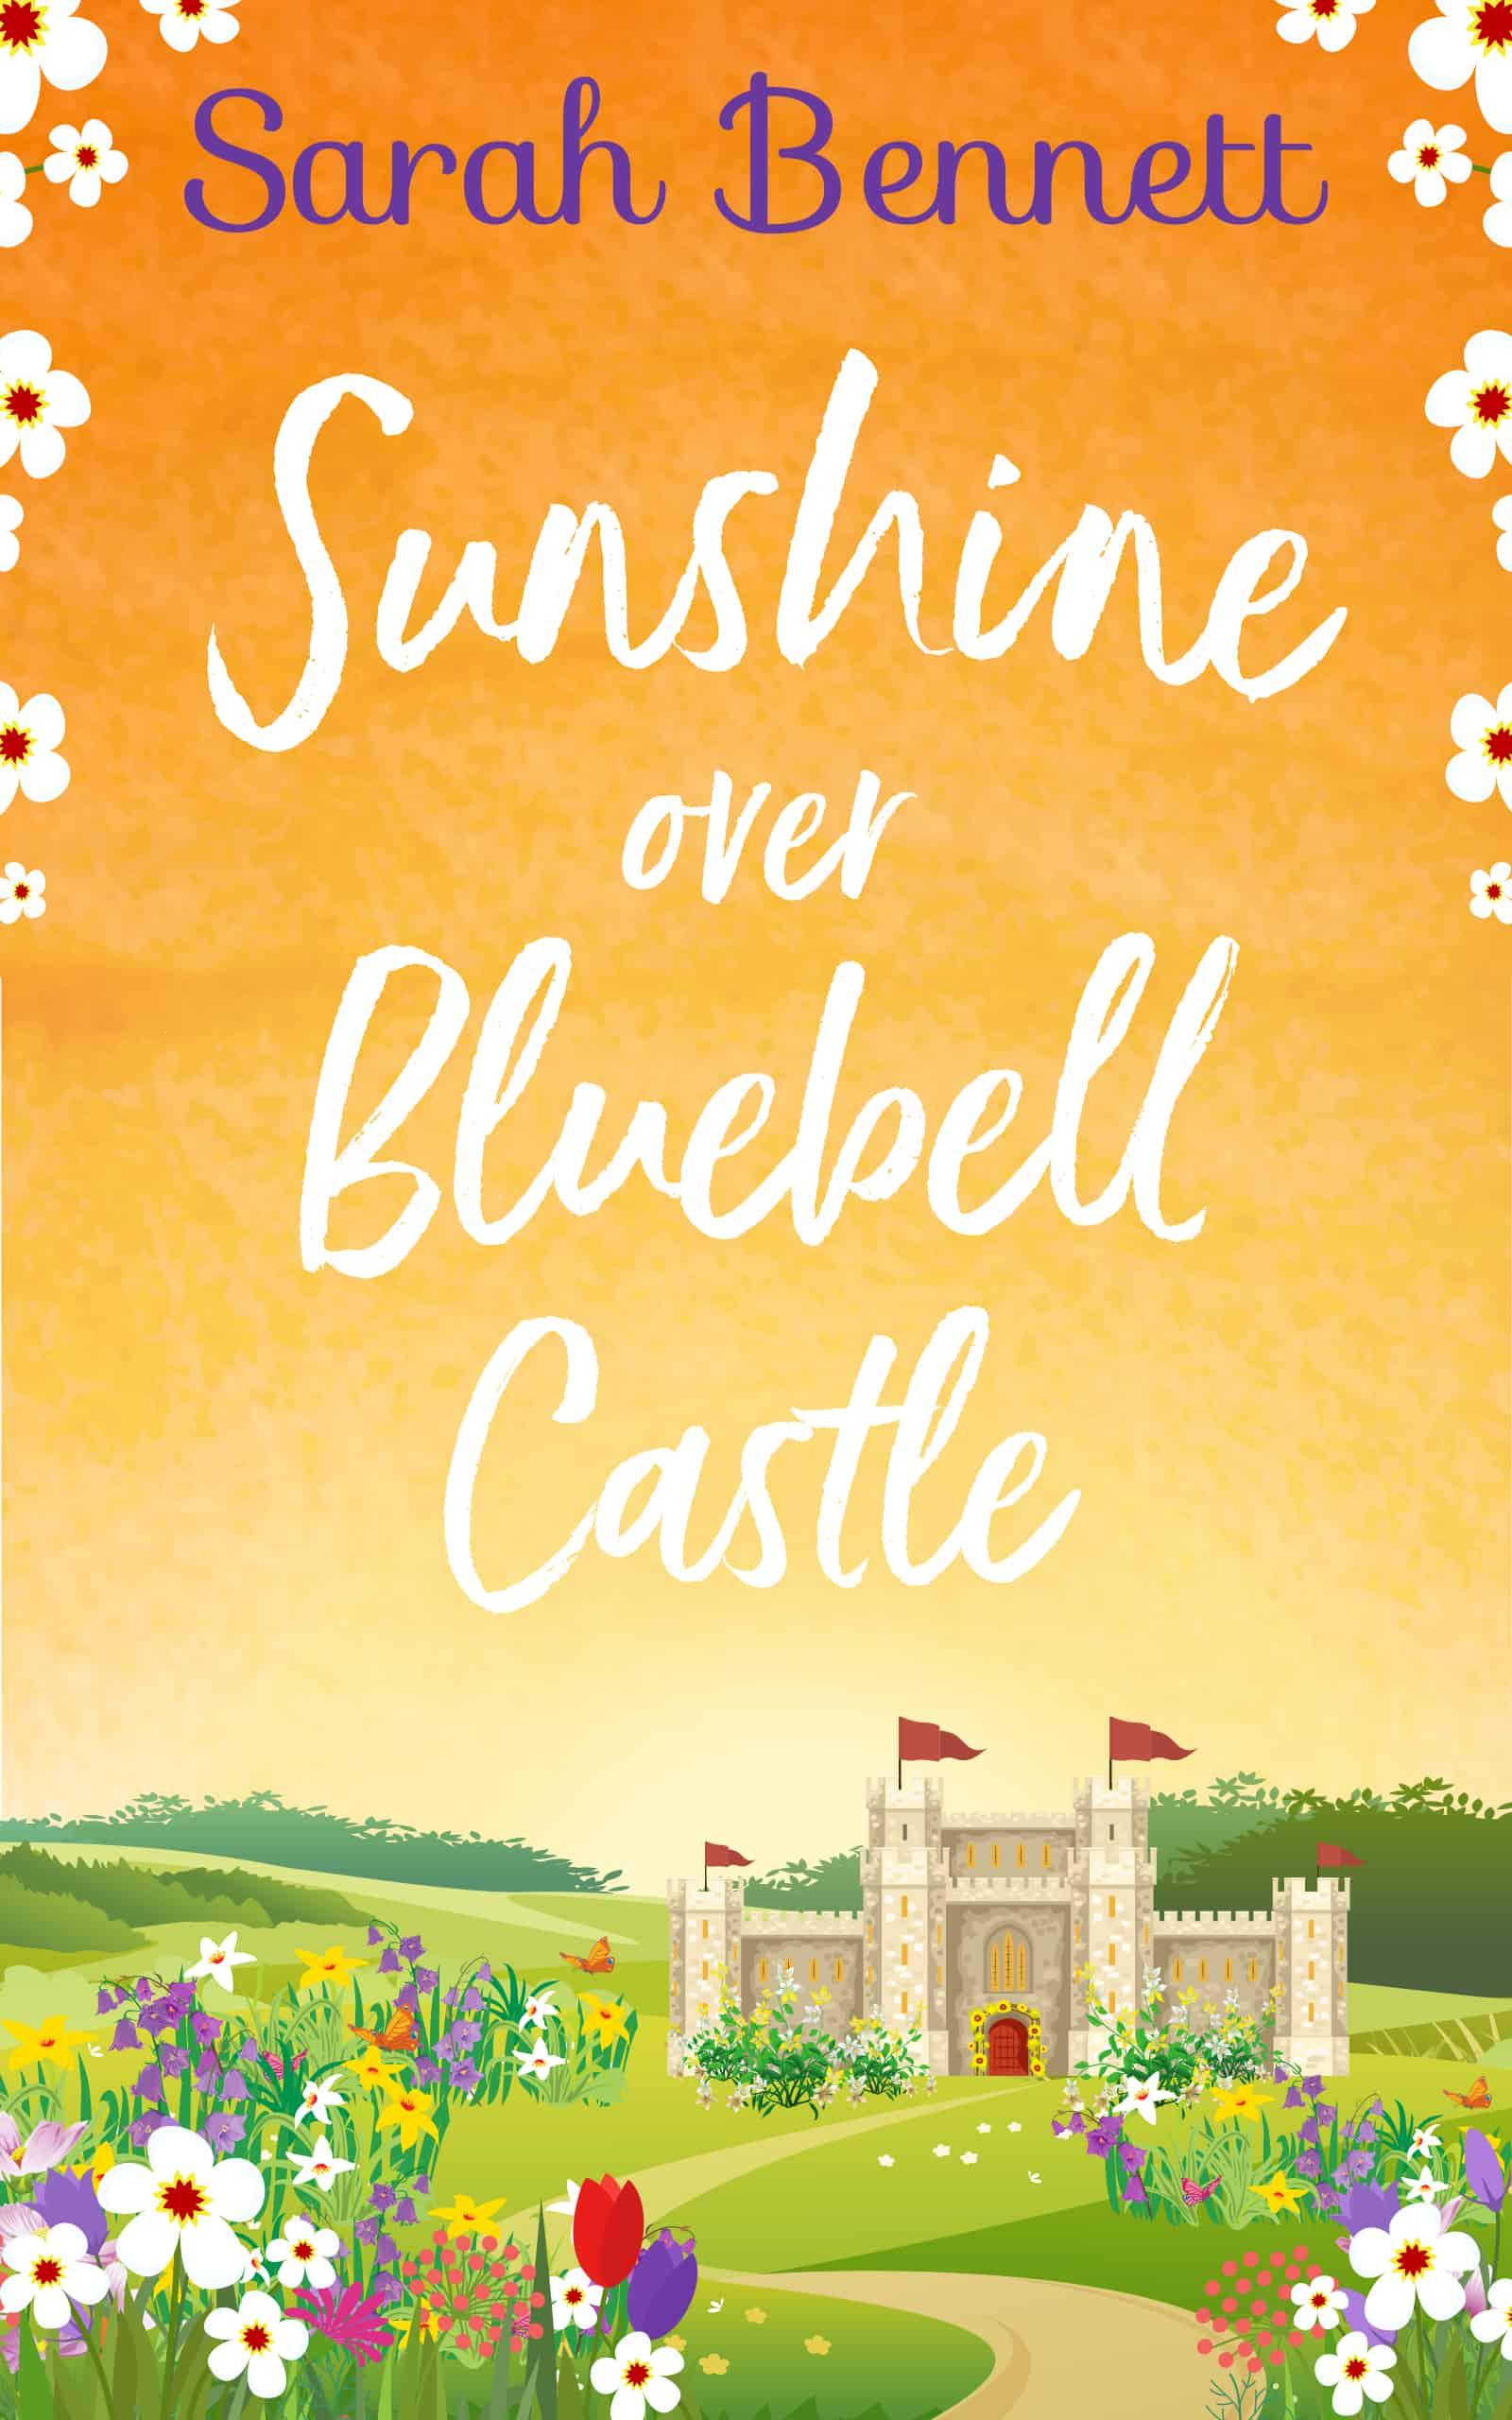 Sunshine over Bluebell Castle